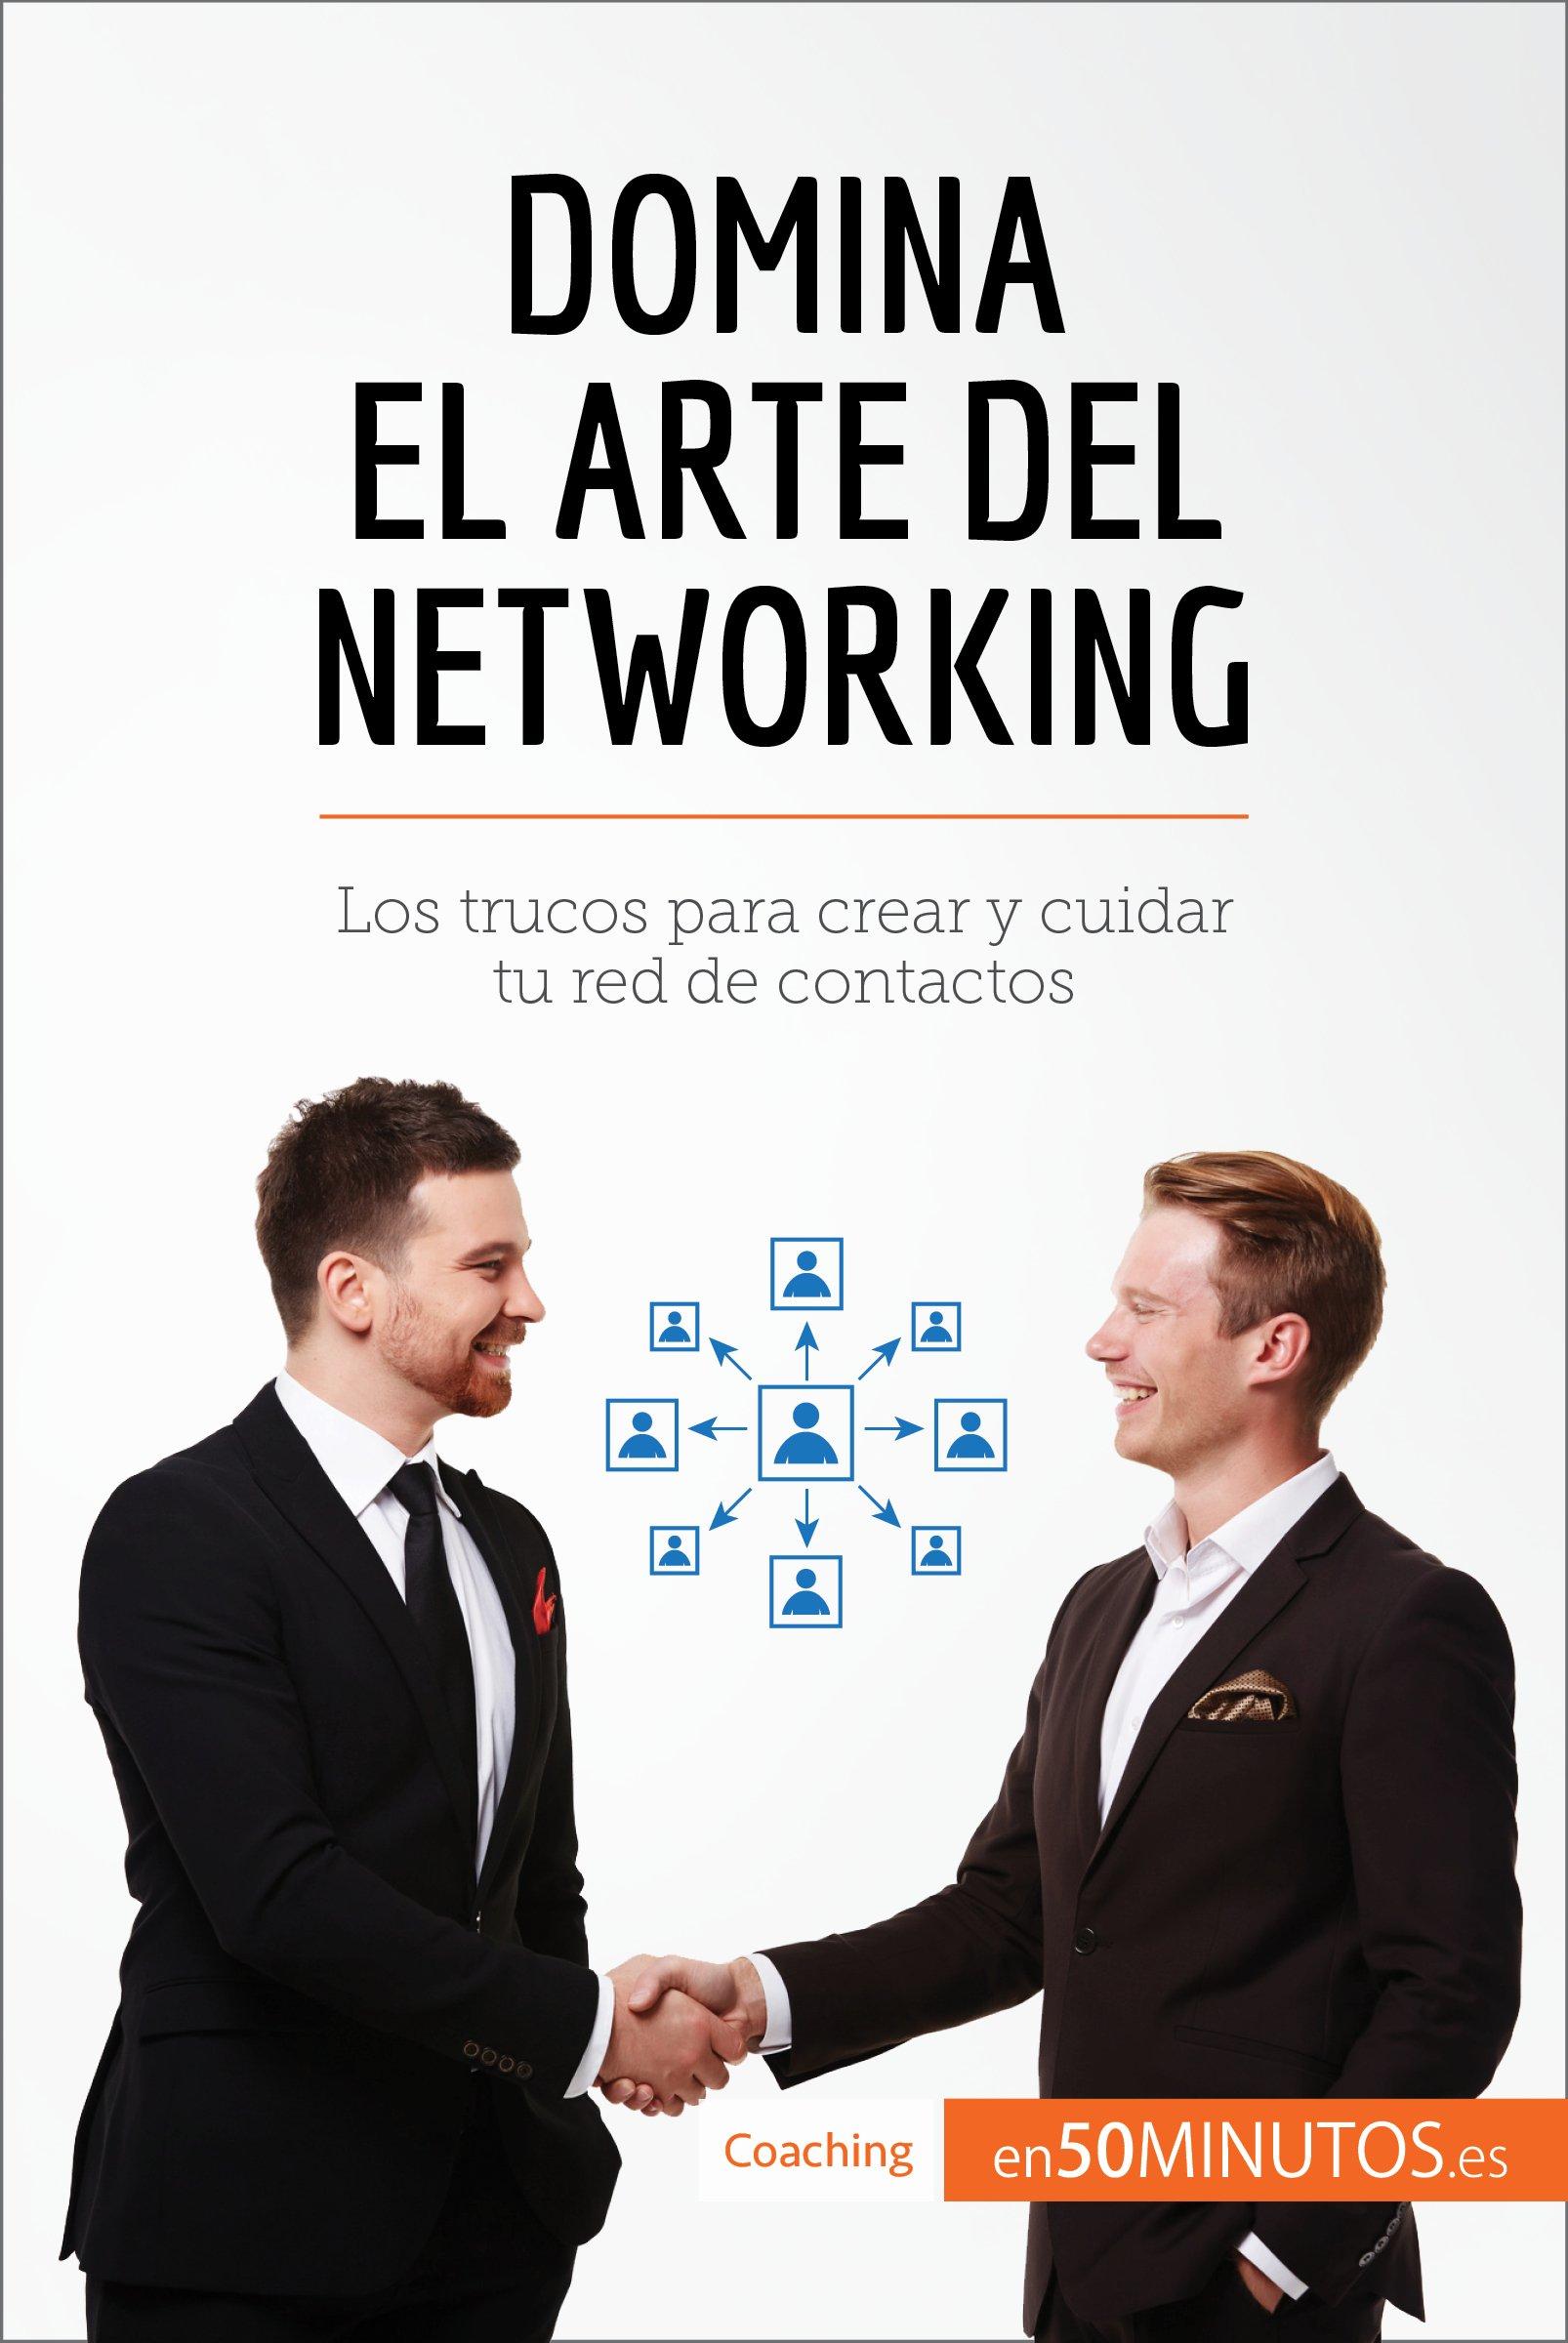 Domina el arte del networking: Los trucos para crear y cuidar tu red de contactos (Coaching) (Spanish Edition)